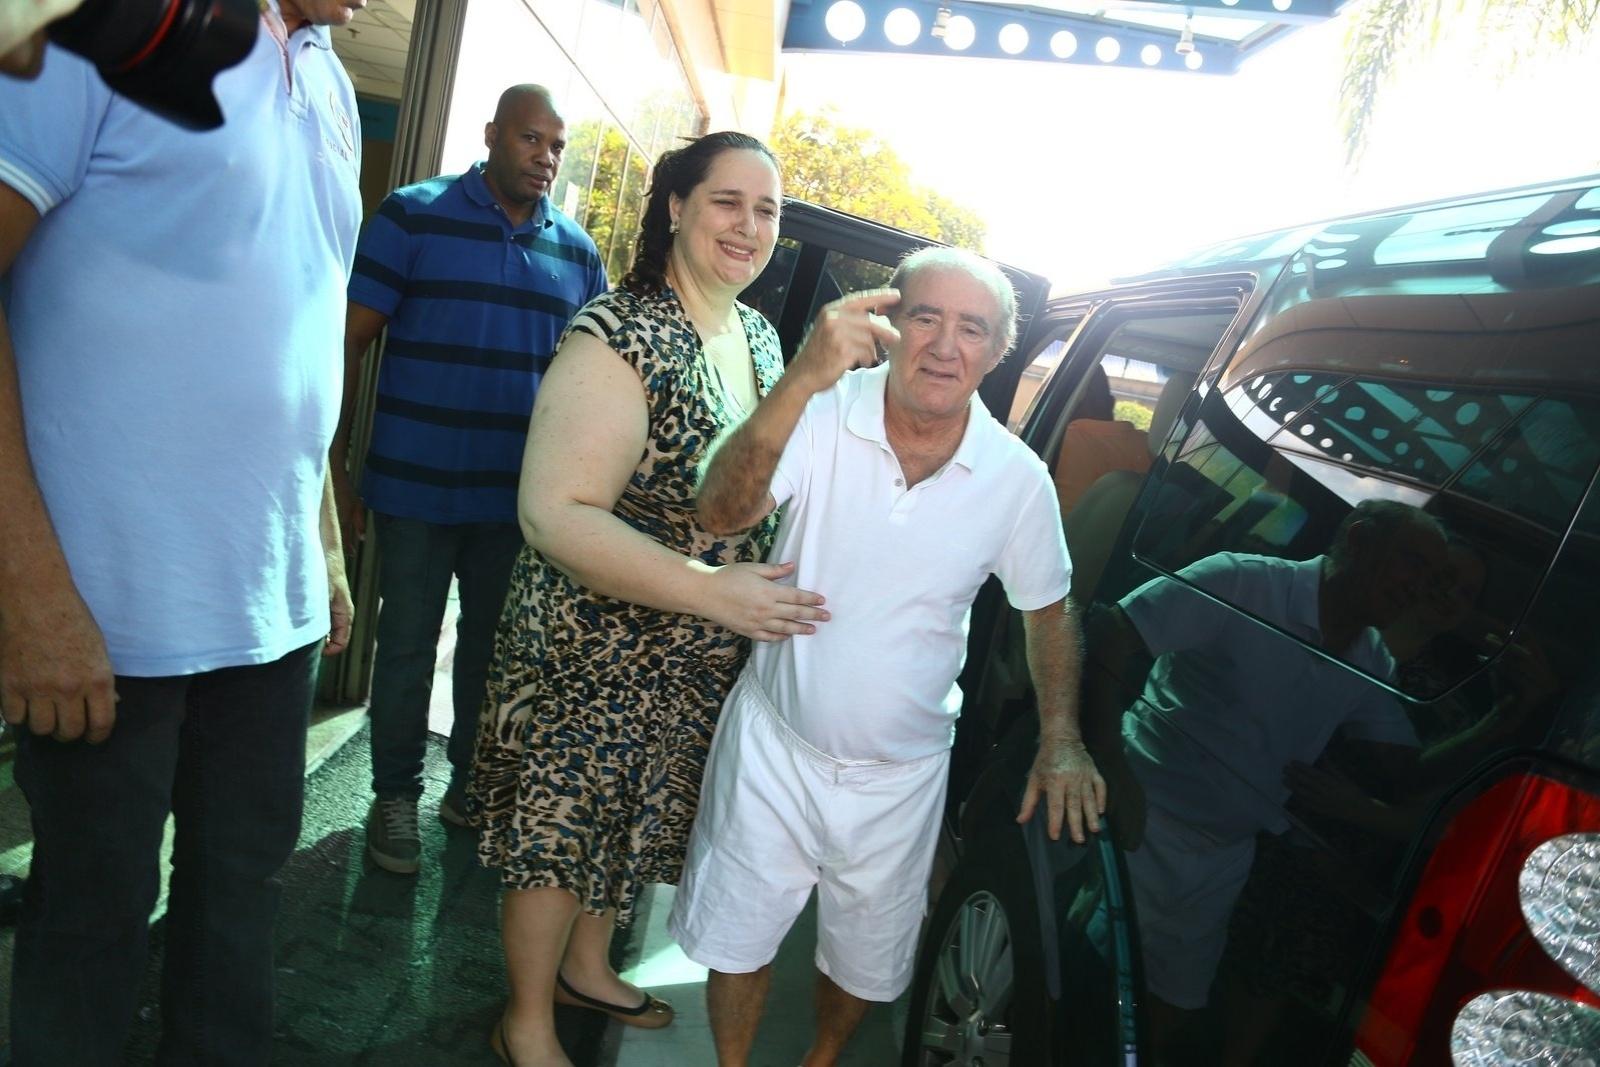 19.mar.2014- Renato Aragão, de 79 anos, sofreu um infarto e teve que ser submetido a uma angioplastia, cirurgia realizada com o intuito de desobstruir uma artéria do paciente